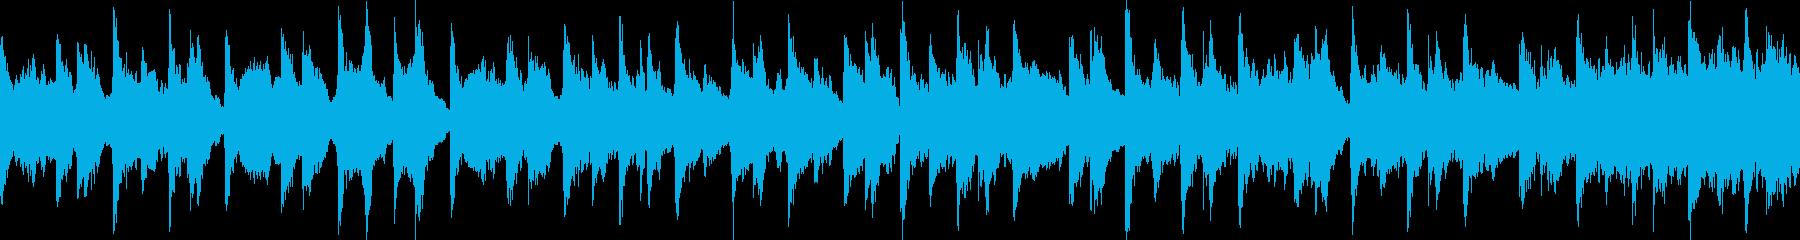 ストリング+和楽器のループ音楽ですの再生済みの波形